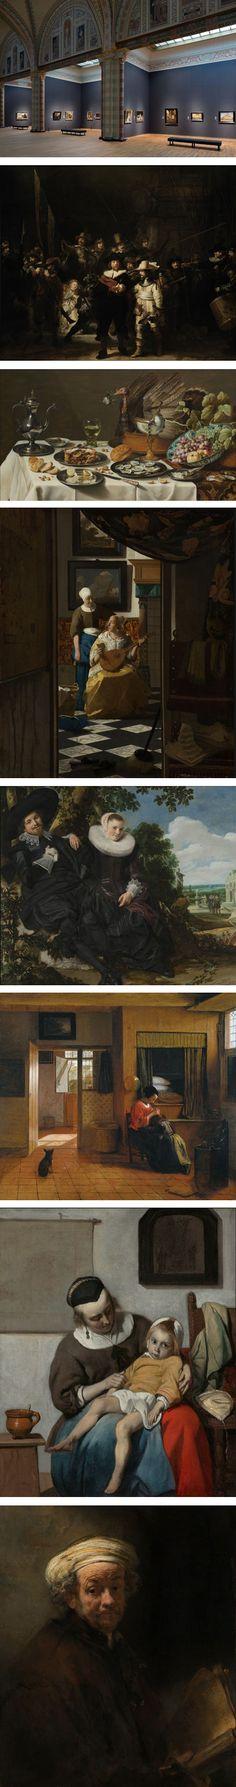 Rijksmuseum reopens, Rembrandt van Rijn, Pieter Claesz, Johannes Vermeer, Frans Hals, Pieter de Hooch, Gabriël Metsu, Rembrandt van Rijn